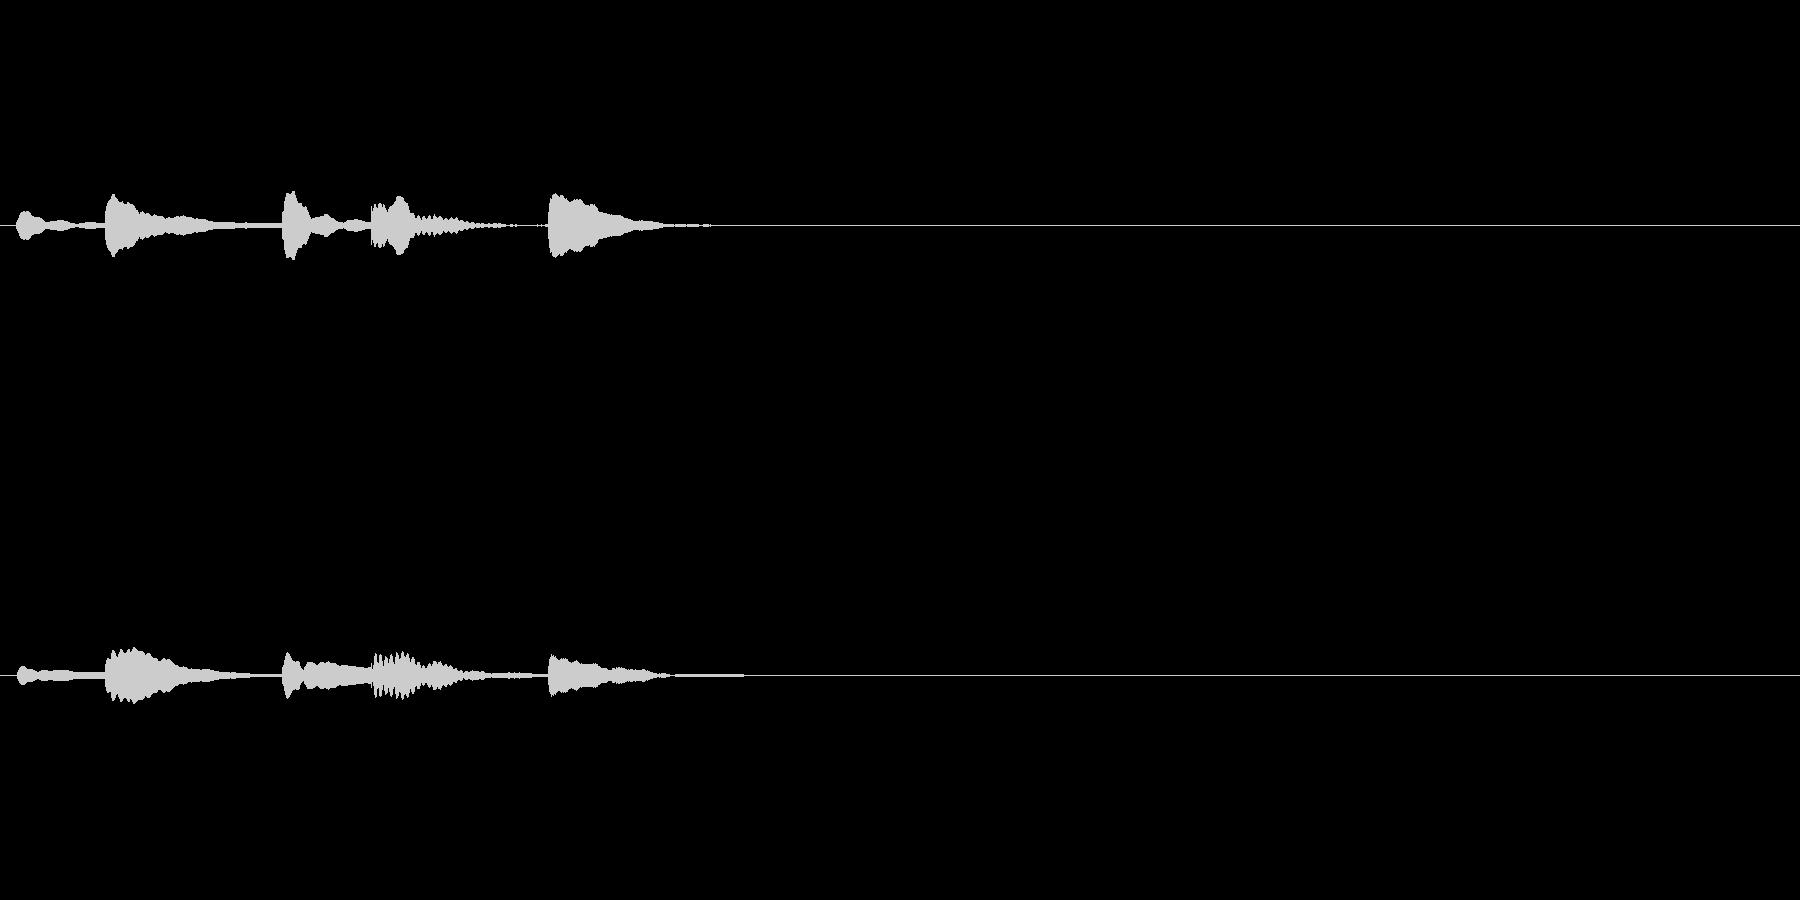 タラッタタンタン(サウンドロゴ)速めの未再生の波形